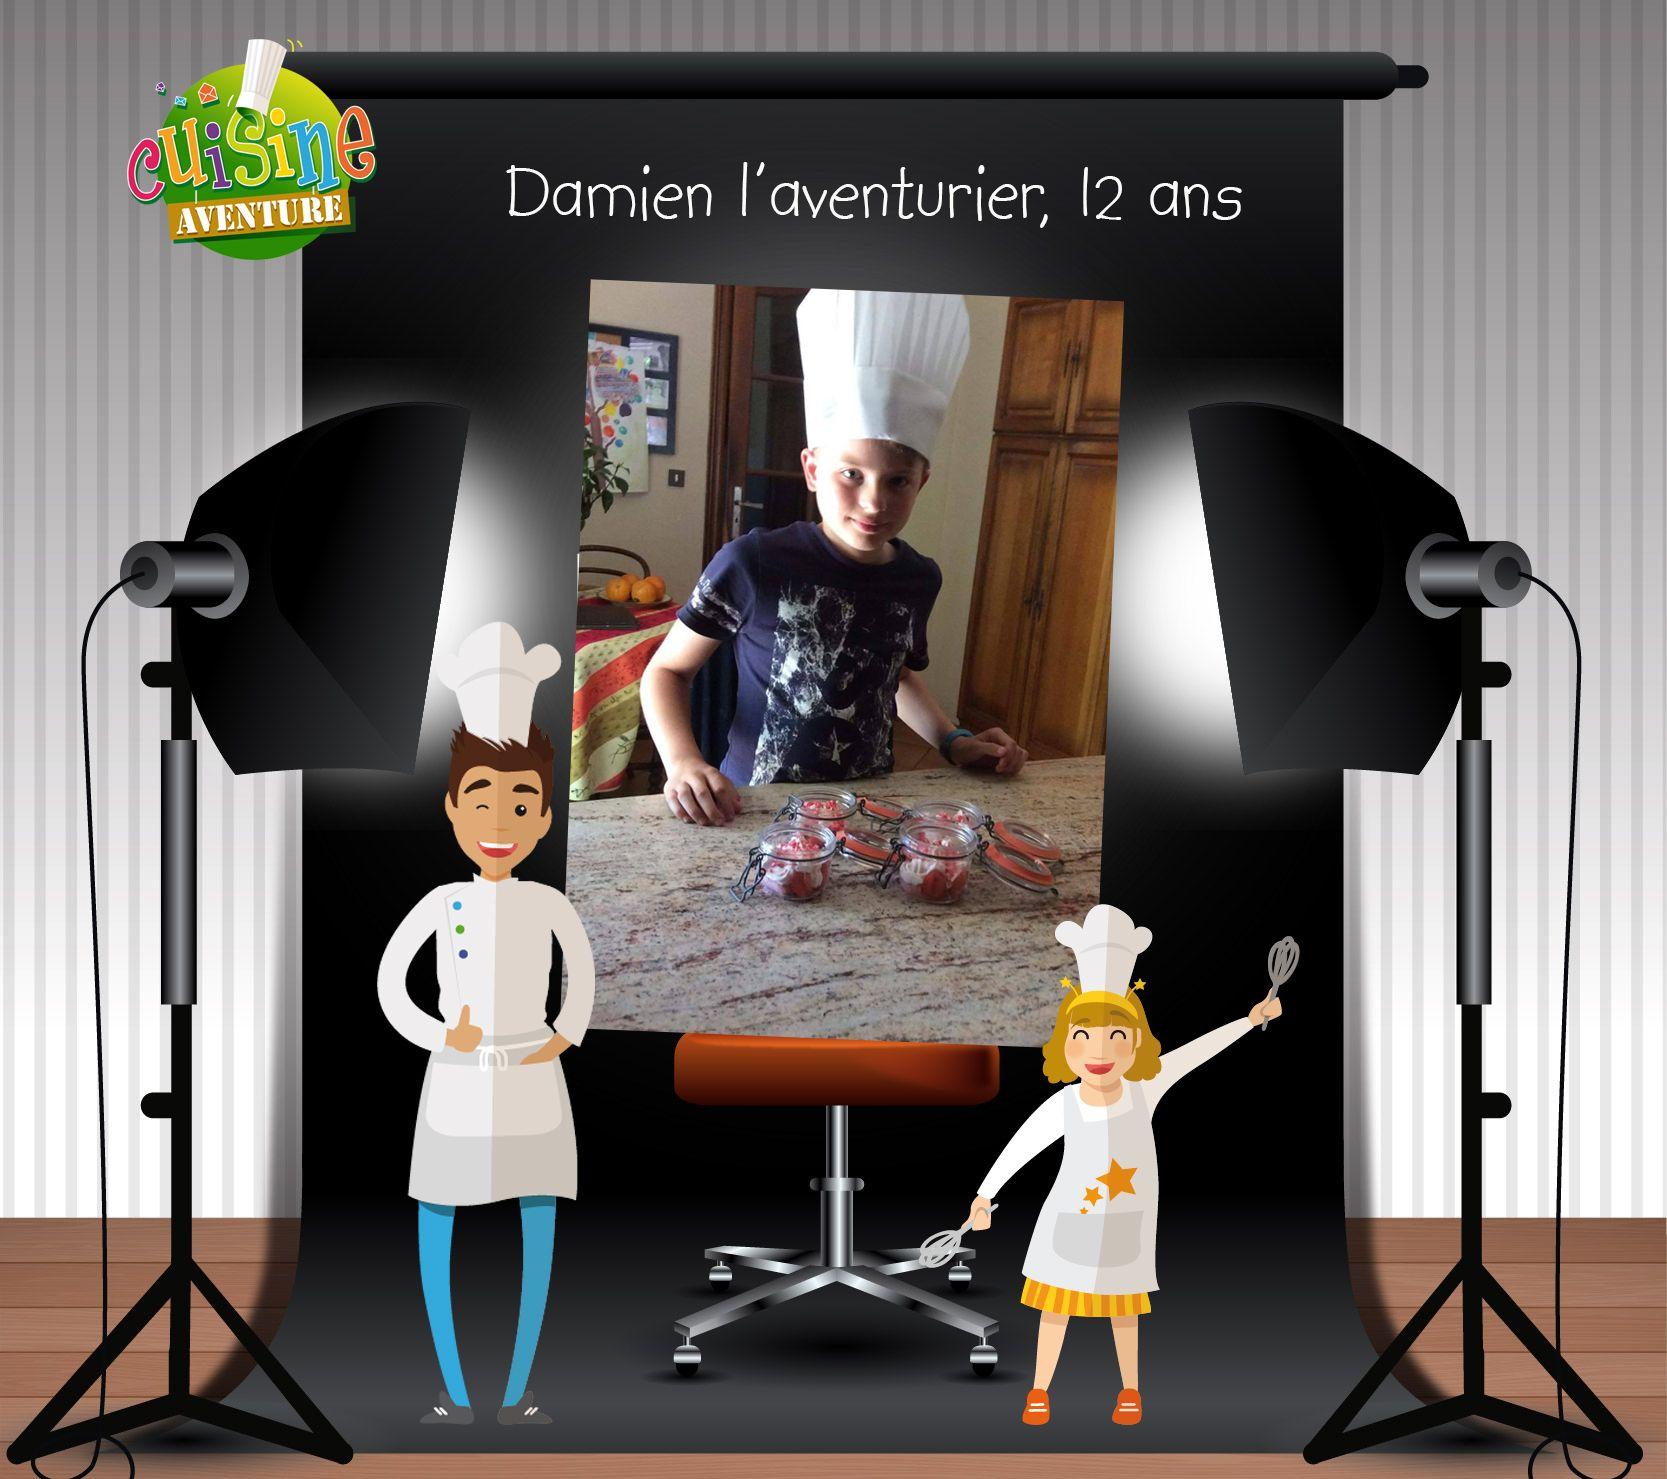 Pingl par cuisine aventure enfants sur cuisine aventure - Cours de cuisine enfant ...